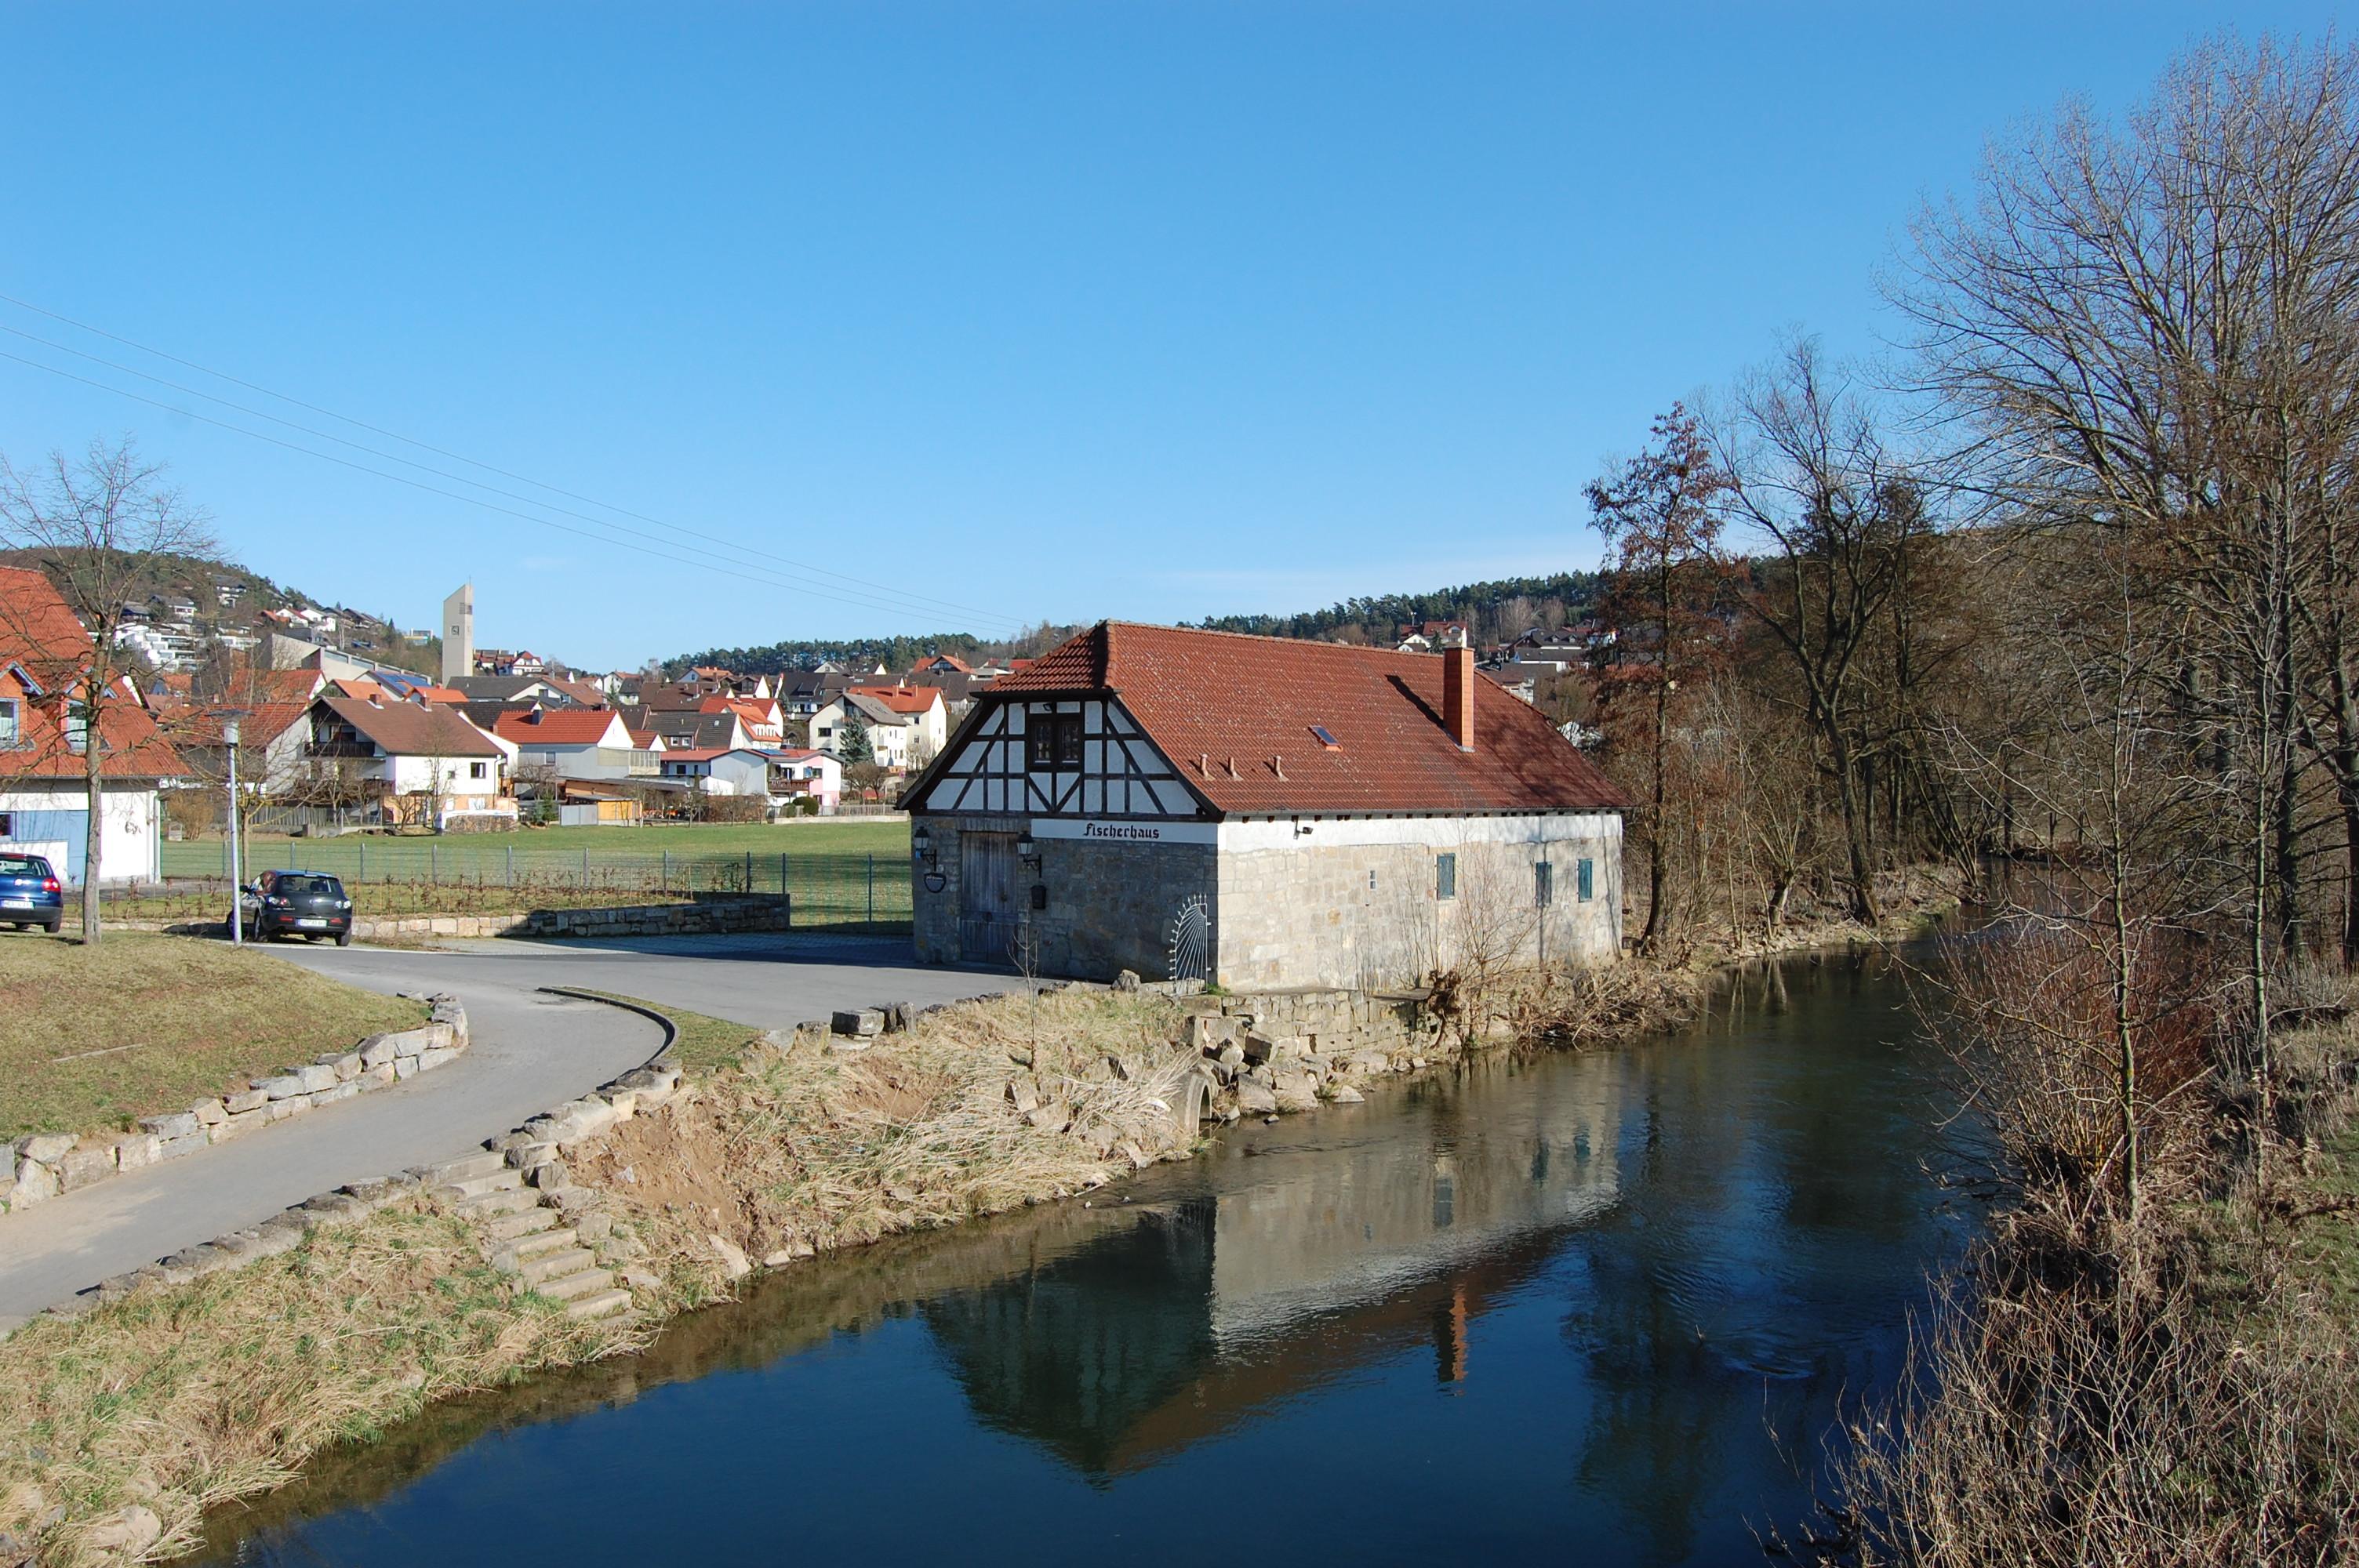 Bekjente Bad Neustadt